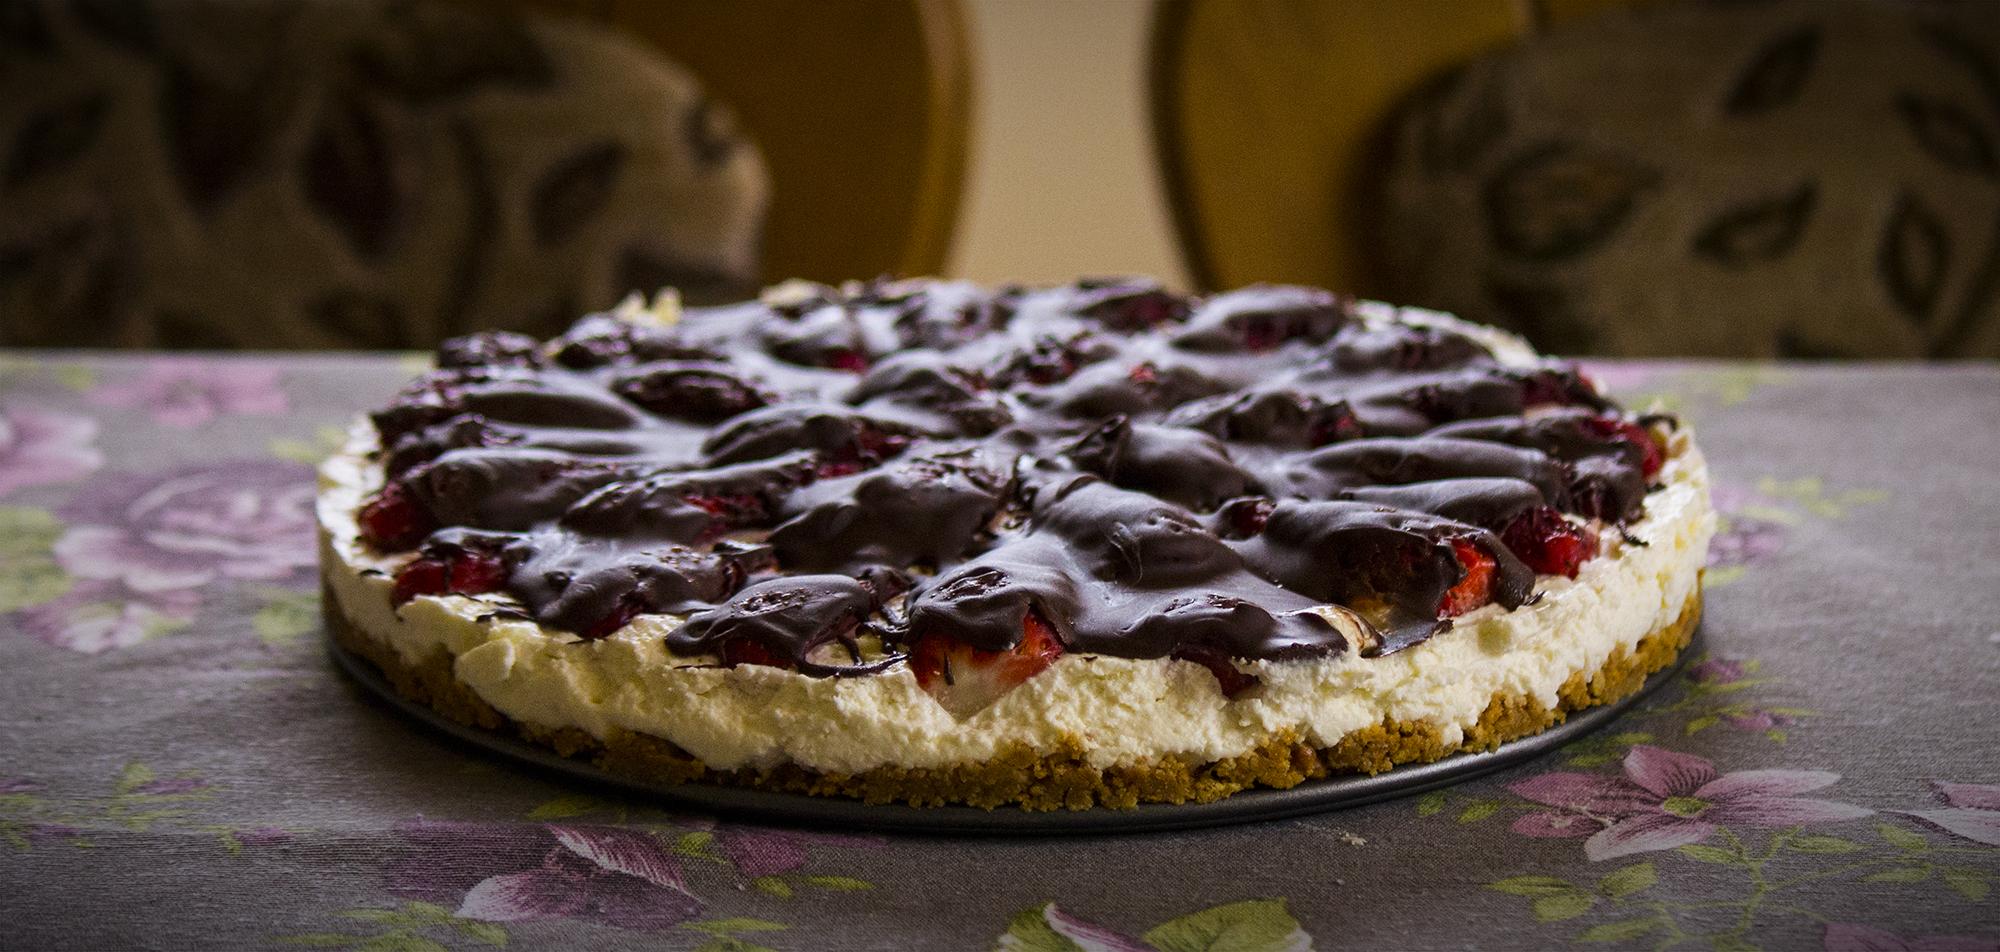 szülinapi torták egyszerűen Csokoládés mascarpone (szülinapi) torta   Anyaként is fitten szülinapi torták egyszerűen